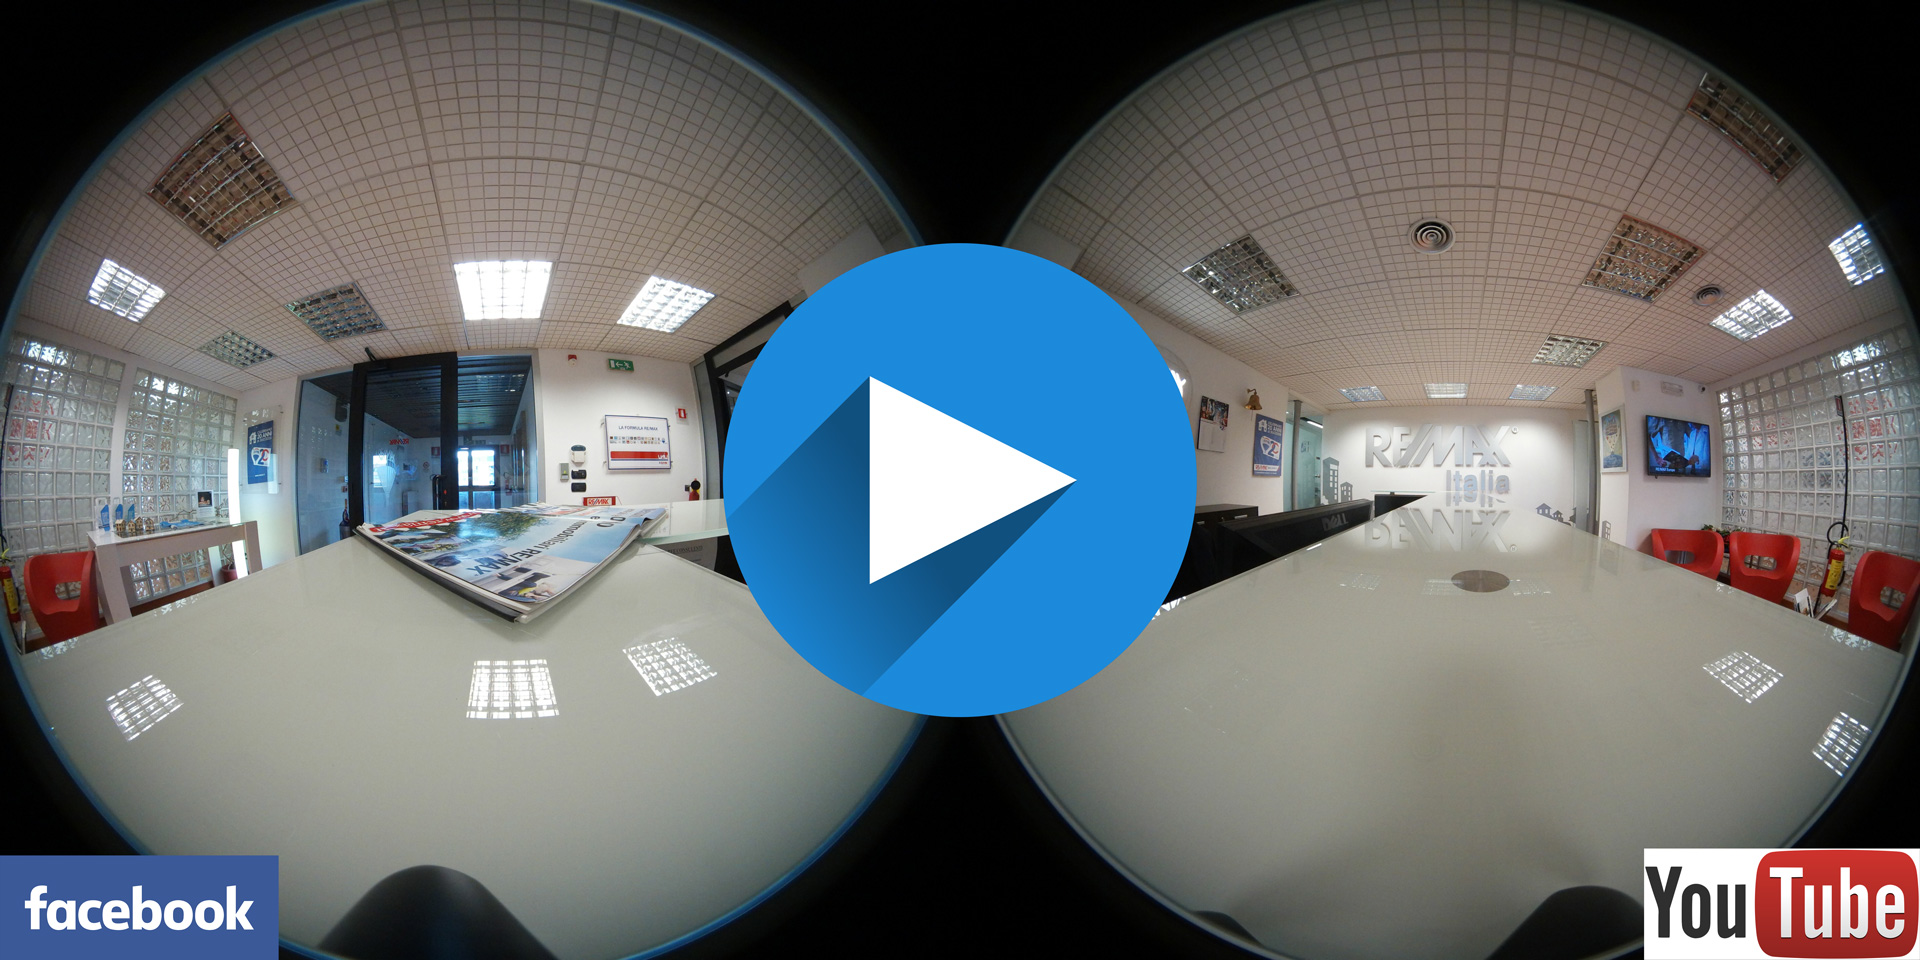 Sphärischen 360-Grad-Video